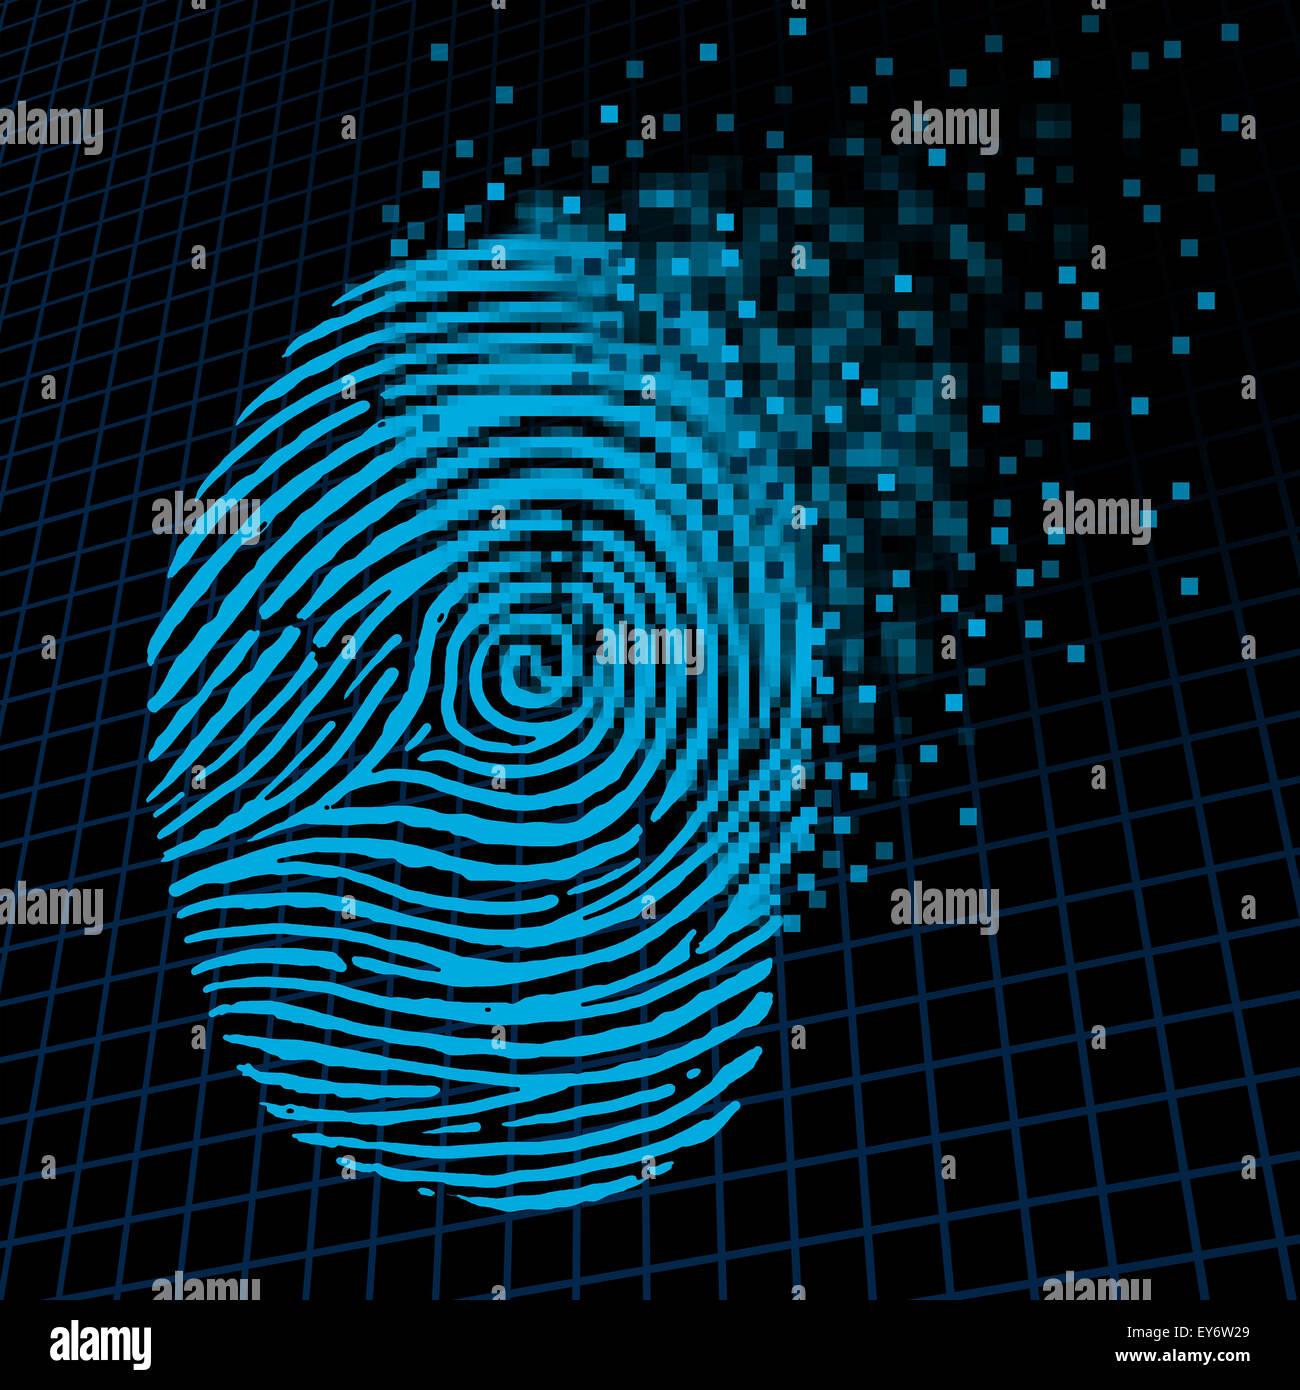 Persönliche Daten-Verschlüsselung und privaten Datenschutz als ein digitaler Fingerabdruck wird pixelig Stockbild